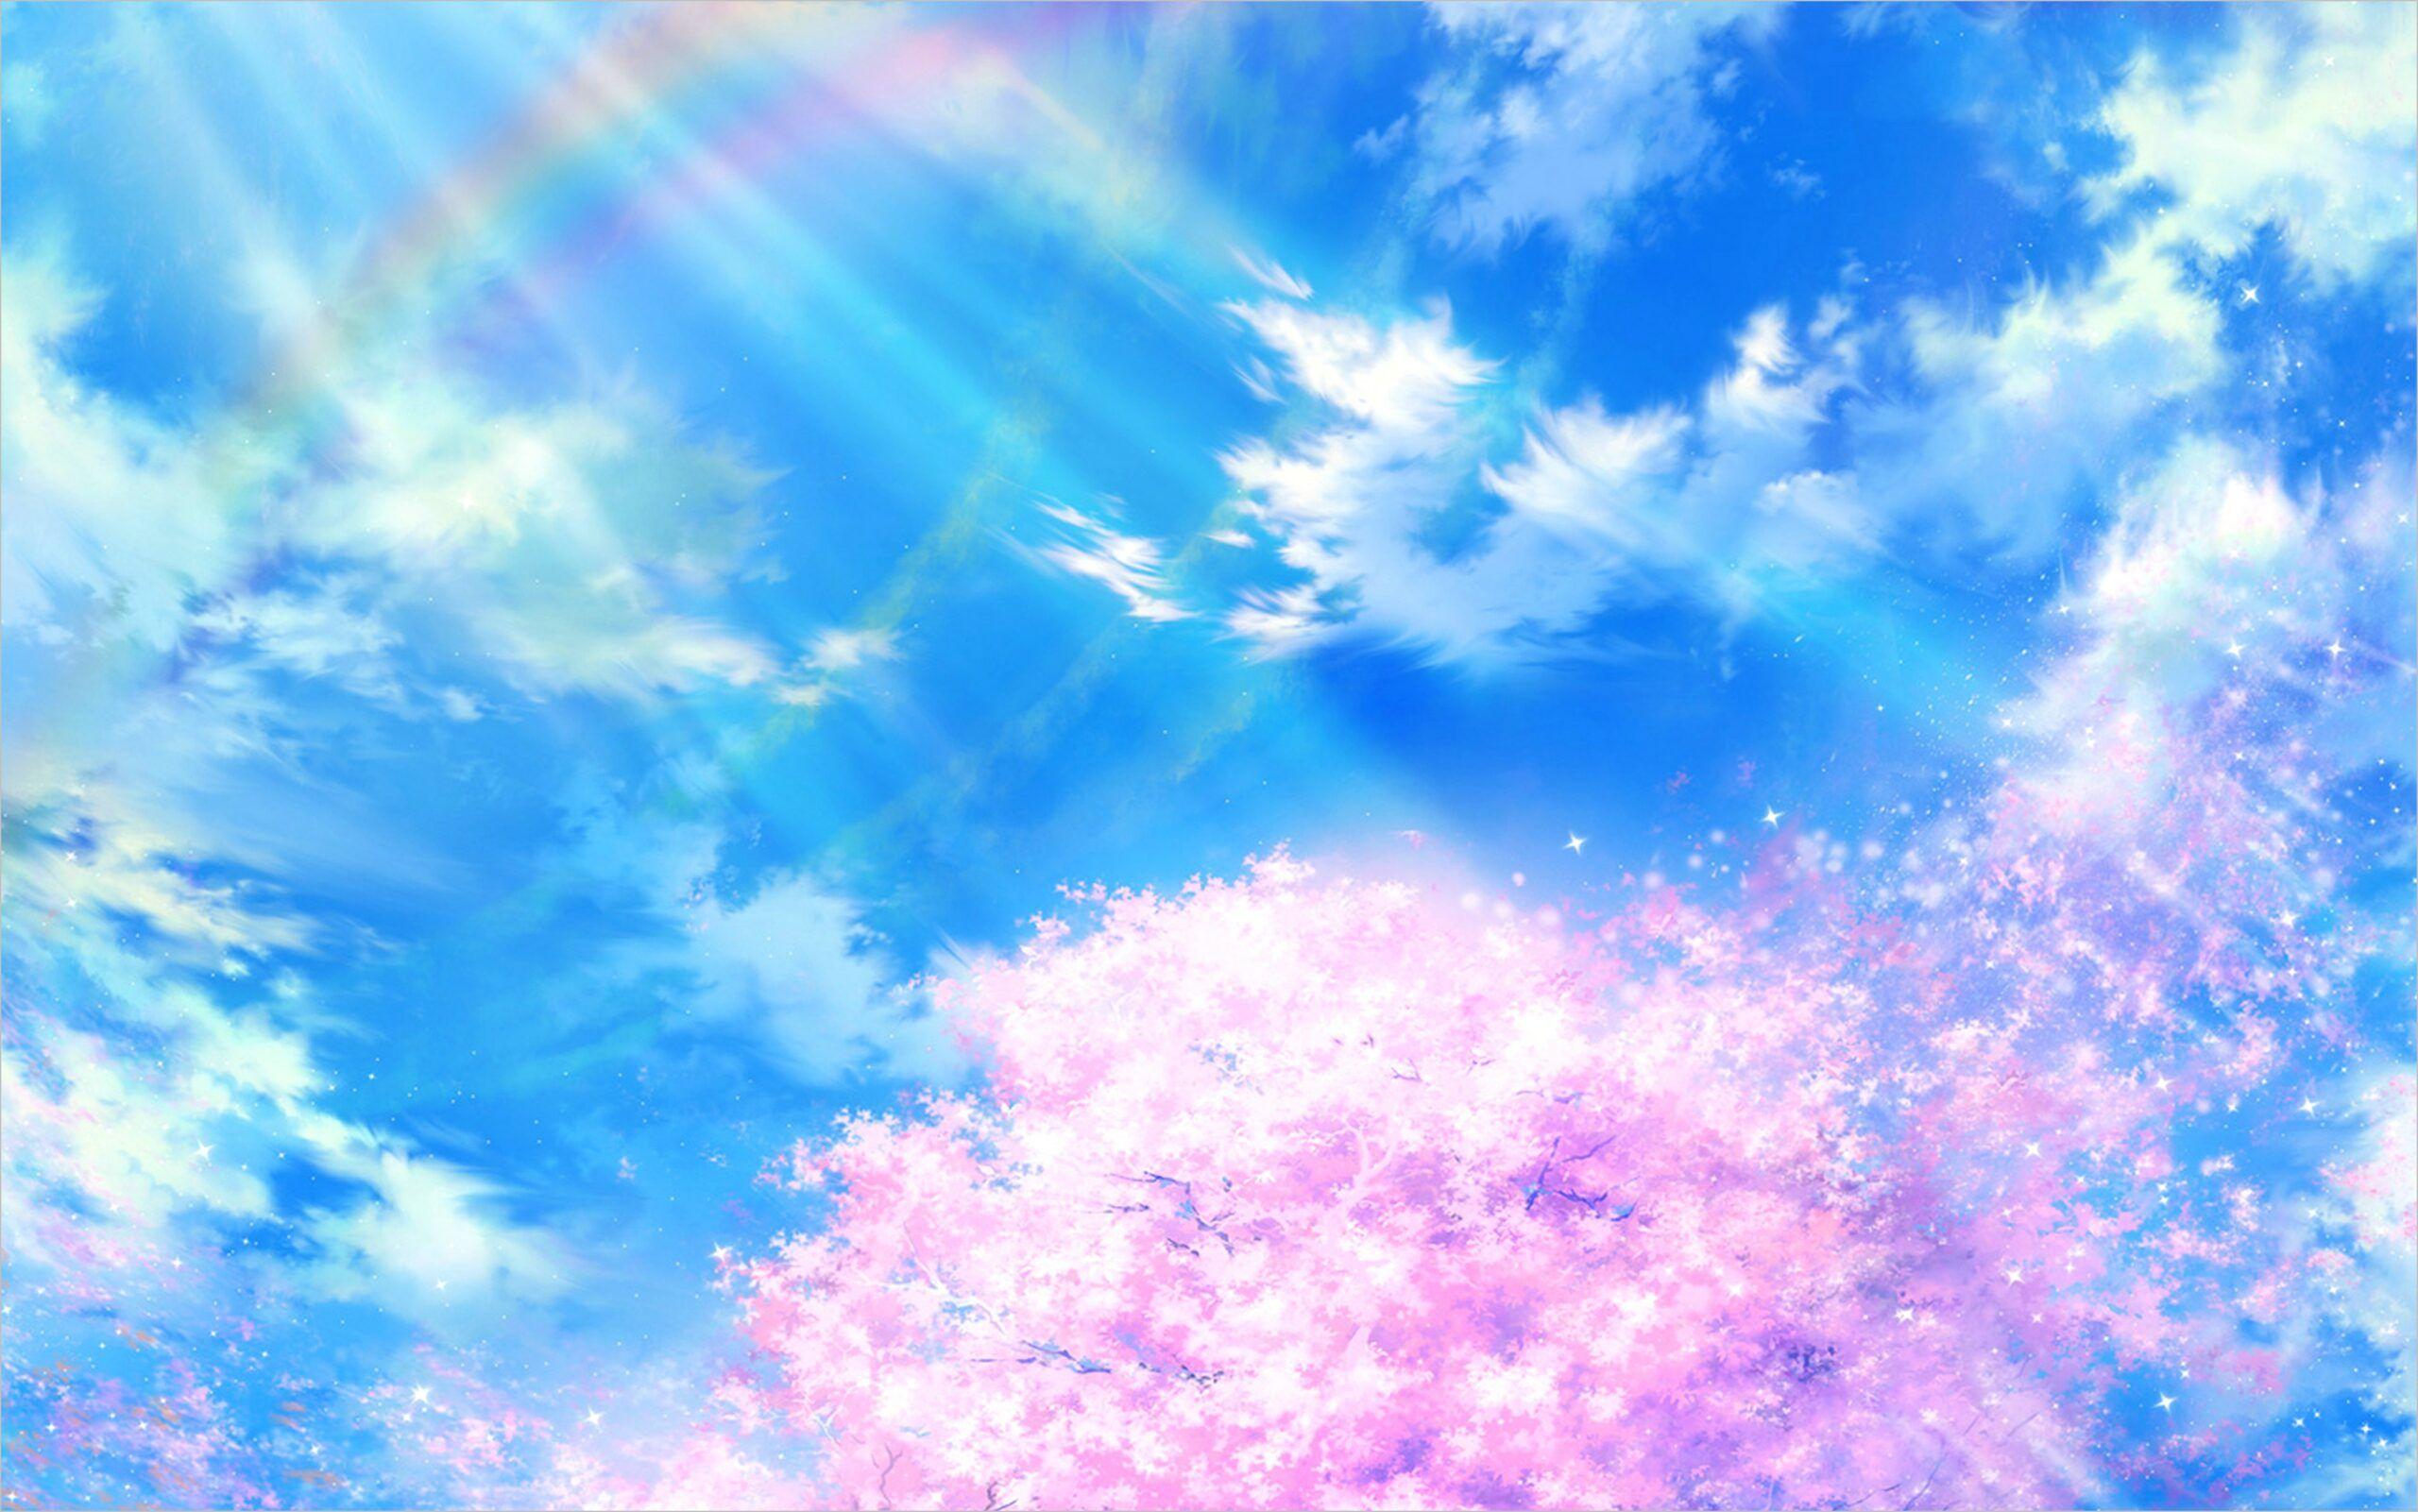 Anime Sky Wallpaper 4k Wallpaper Background Images Sky